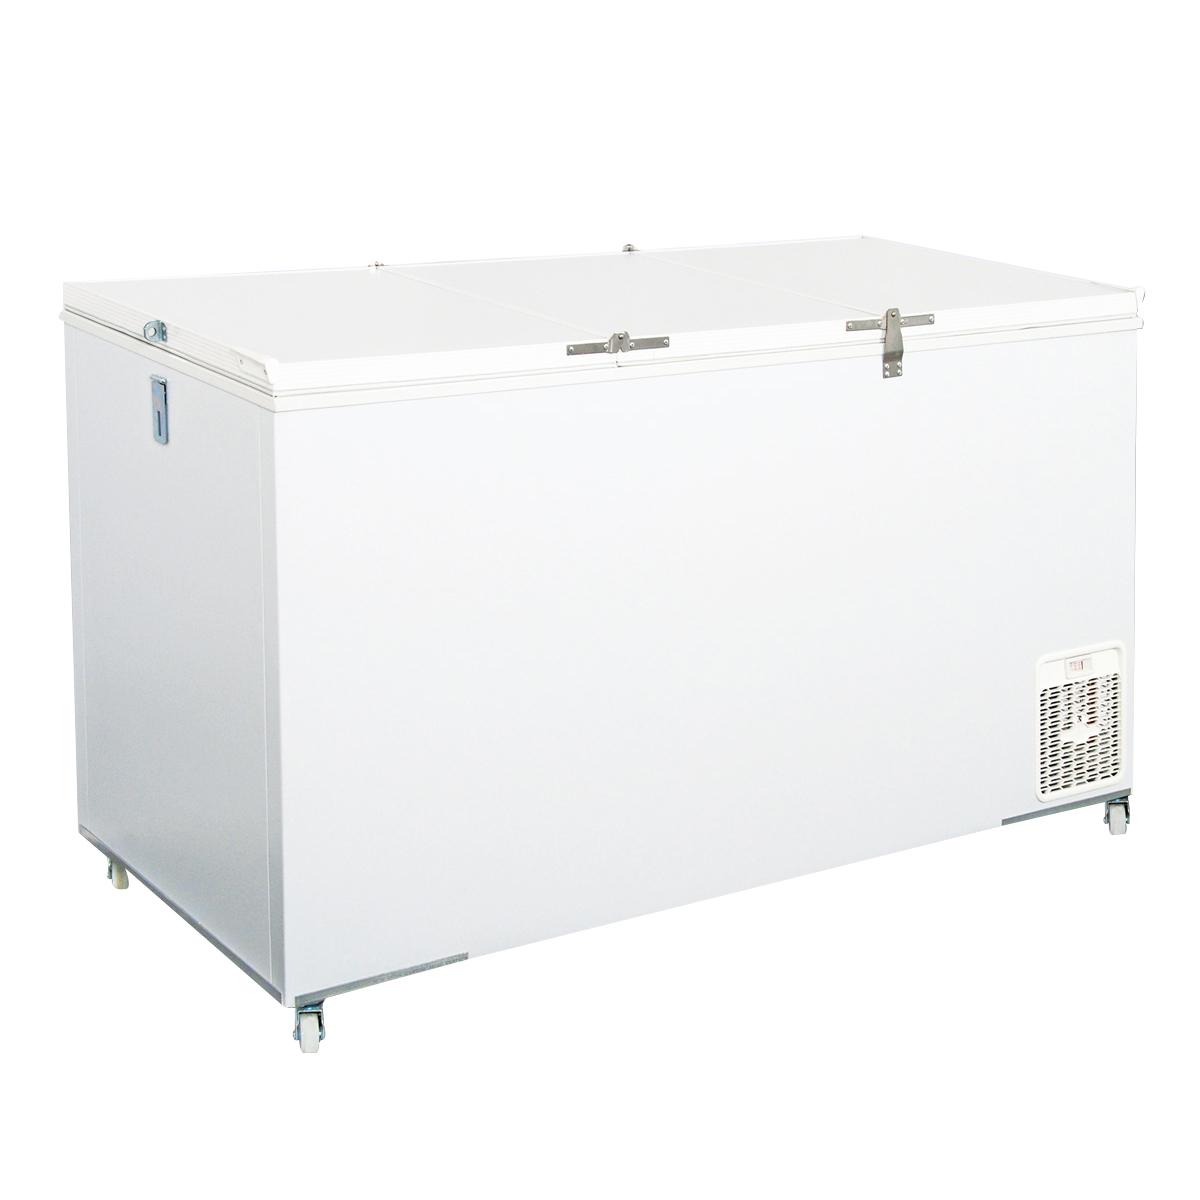 Alfa Frigor T50 (500lit) Επαγγελματικός Καταψύκτης Μπαούλο-Ελληνικής Κατασκευής- επαγγελματικός εξοπλισμός   επαγγελματικά ψυγεία   καταψύκτες   υπερκαταψύκτες μ